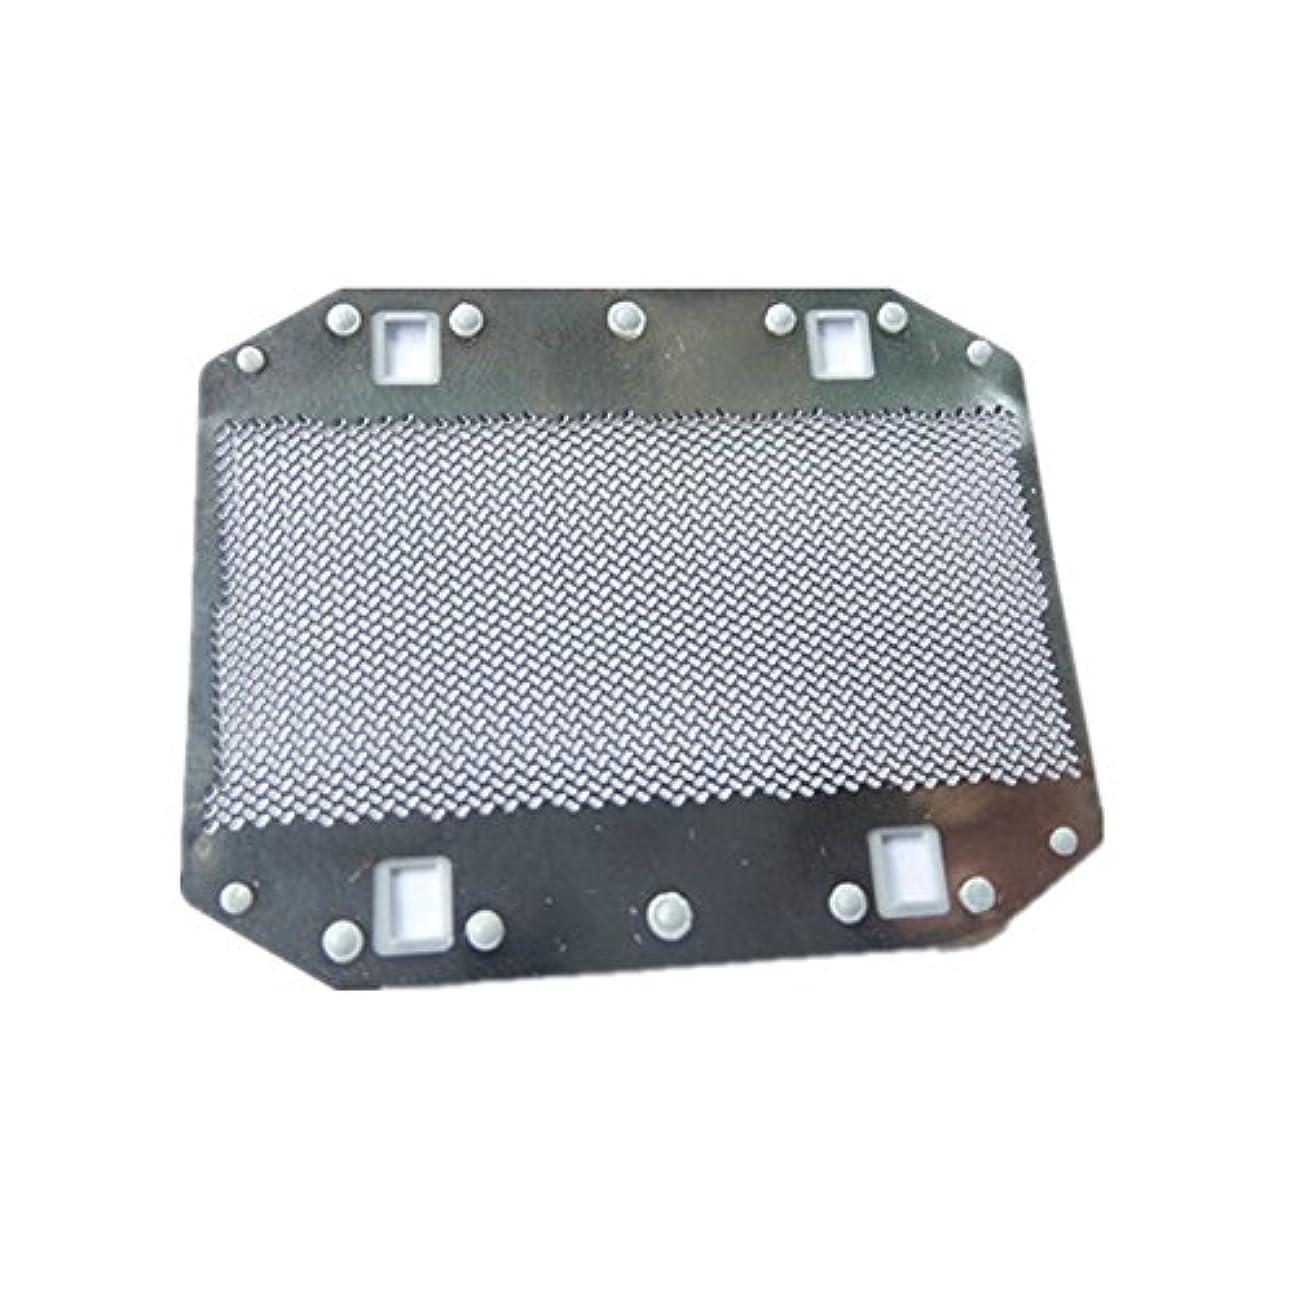 免除不調和廃止するHZjundasi Replacement Outer ホイル for Panasonic ES3750/3760/RP40/815/3050 ES9943